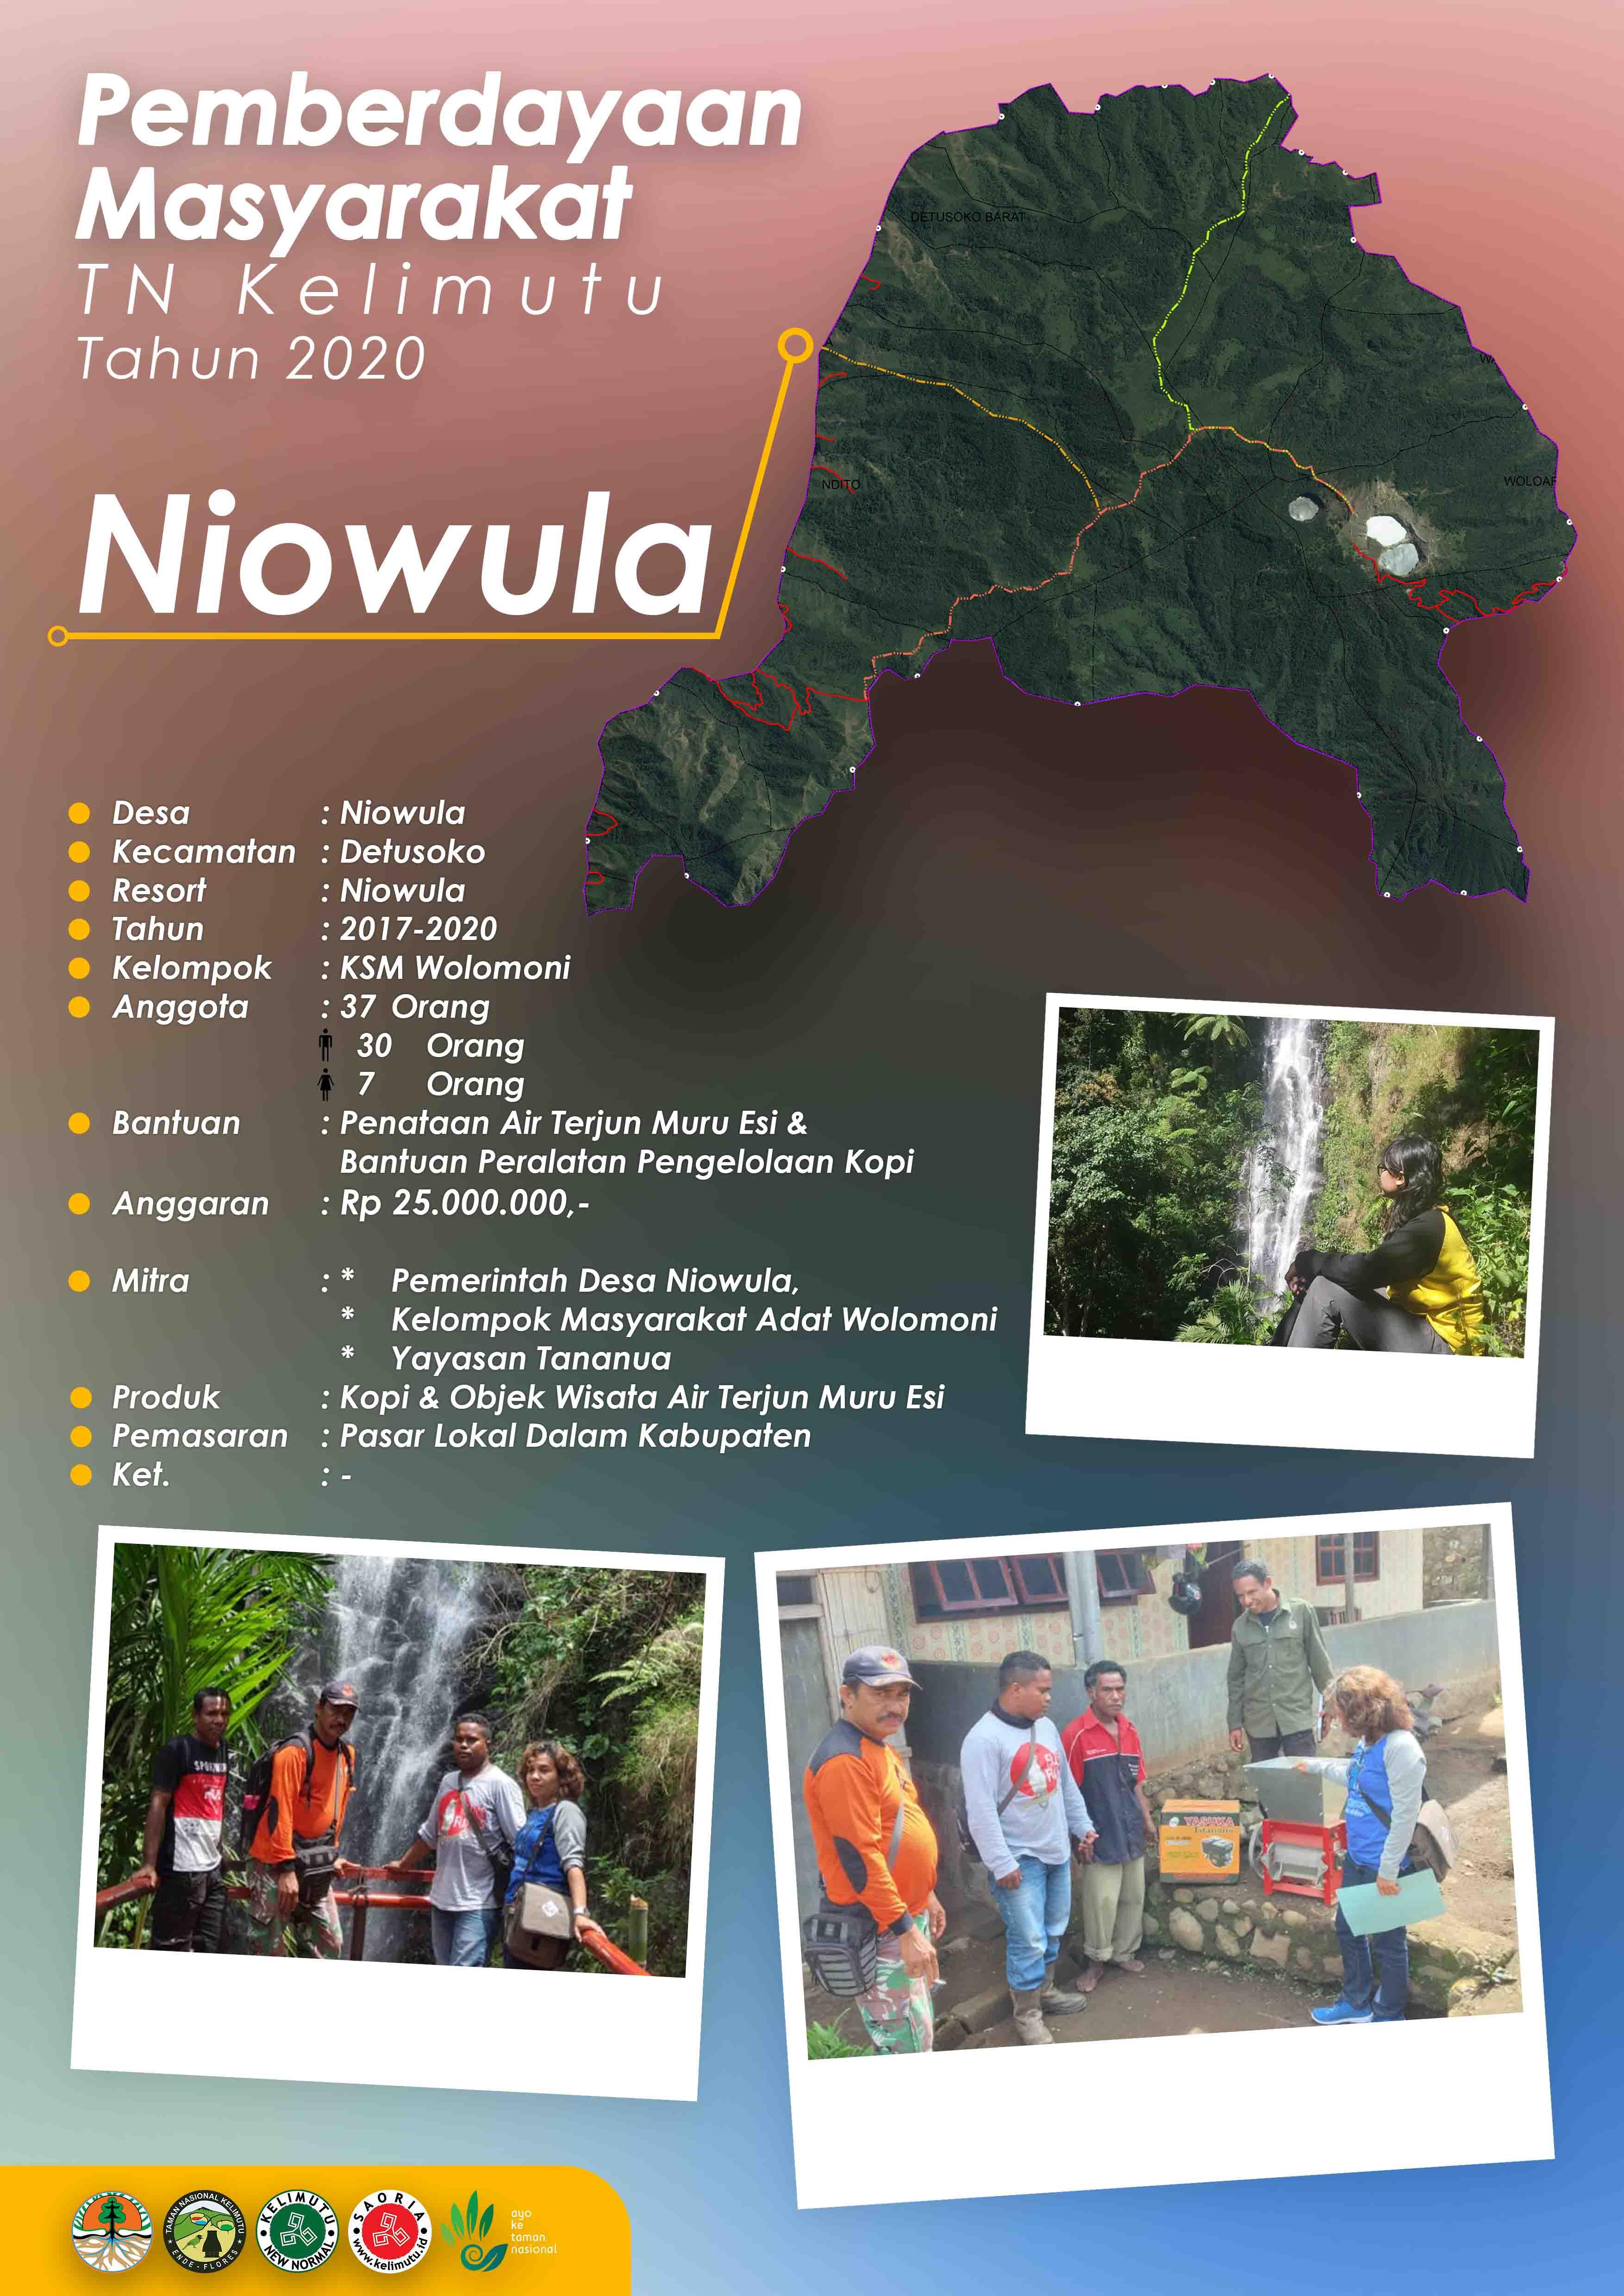 Desa Niowula